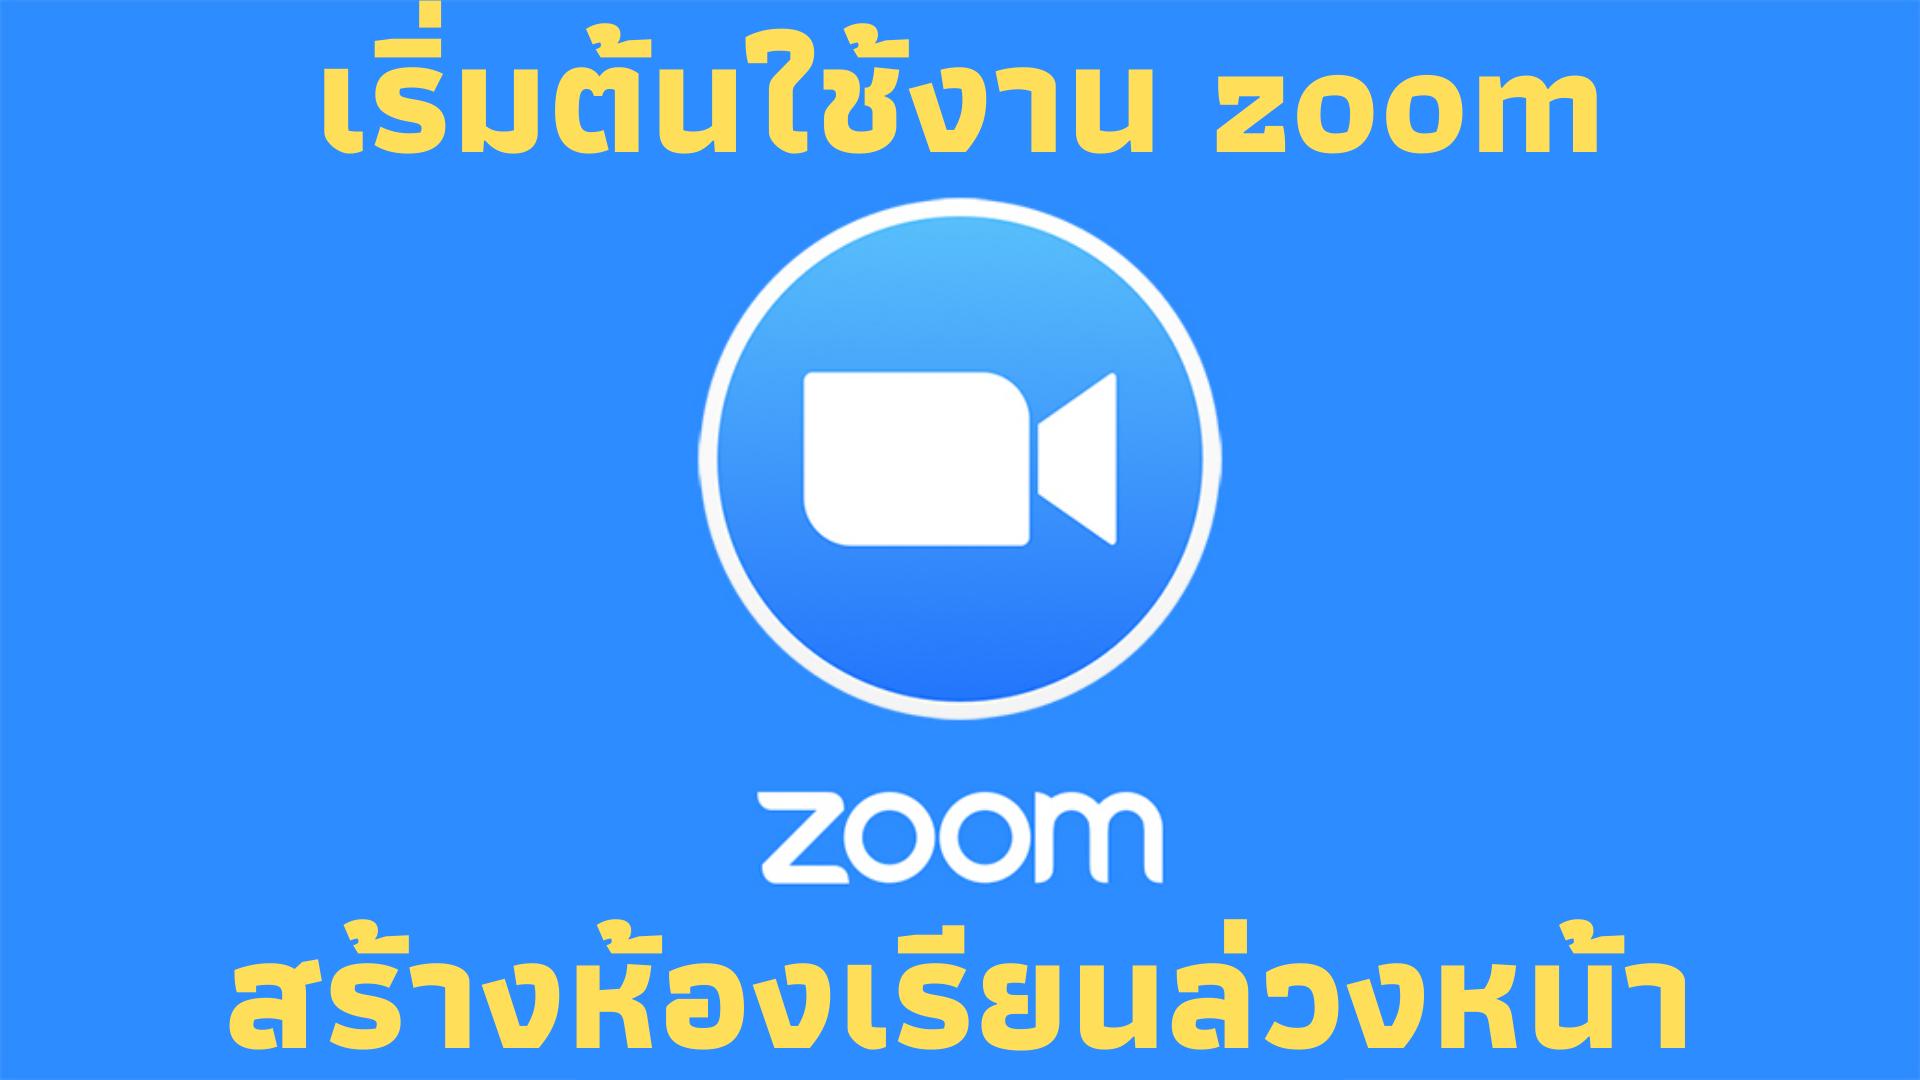 เริ่มต้นใช้งาน zoom สอนออนไลน์ สร้างห้องเรียนล่วงหน้า